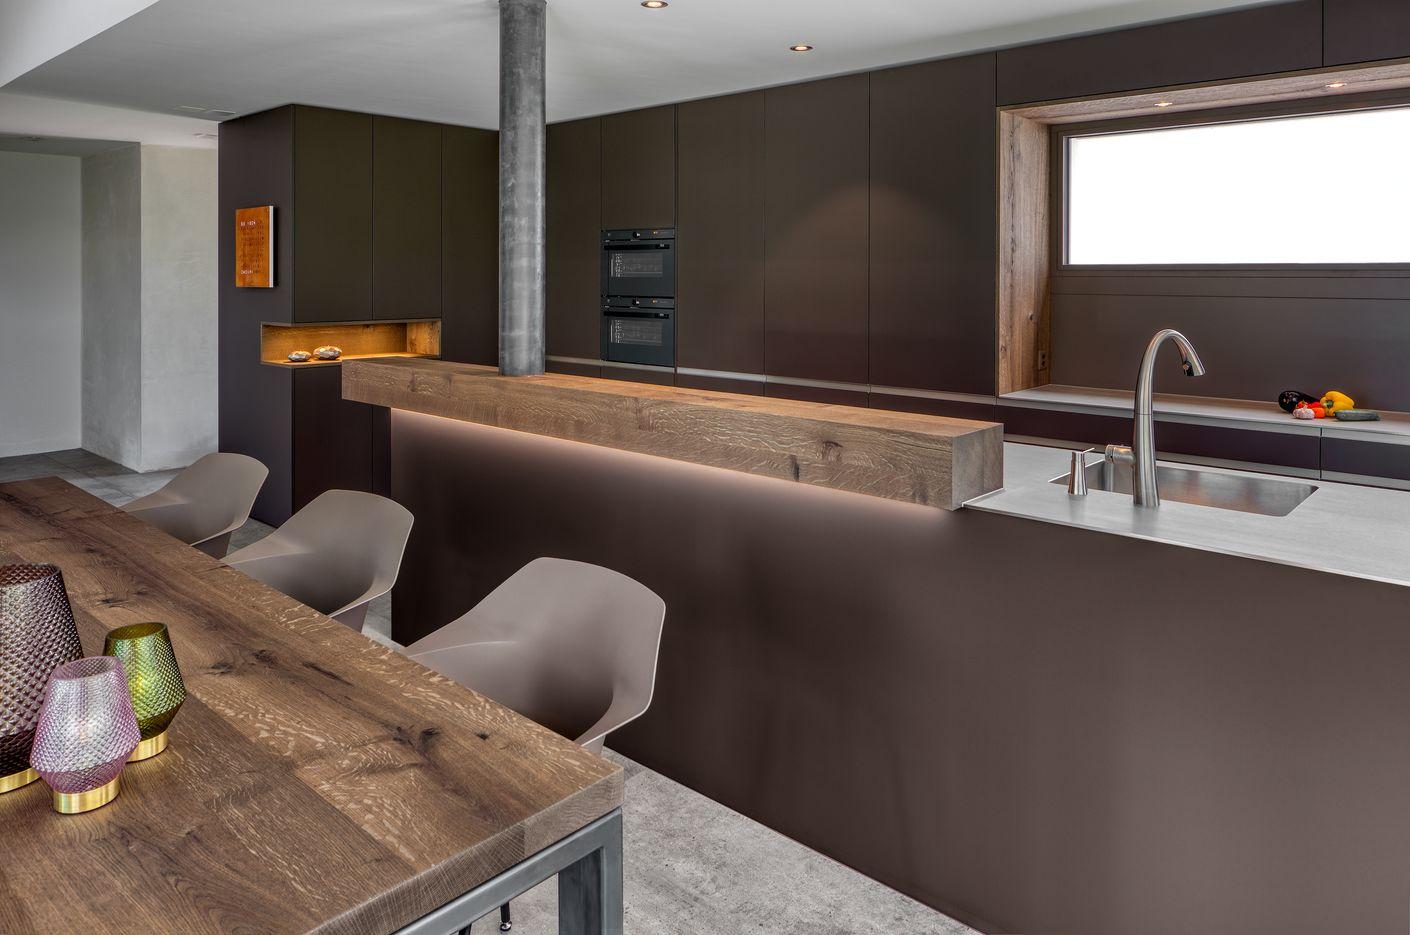 Als Kontrast zum Schokobraun der Fronten ist die Arbeitsfläche der Kücheninsel aus einer Edelstahlplatte mit eingeschweisstem Spülbecken. Die Theke und der Esstisch sind aus Altholz.